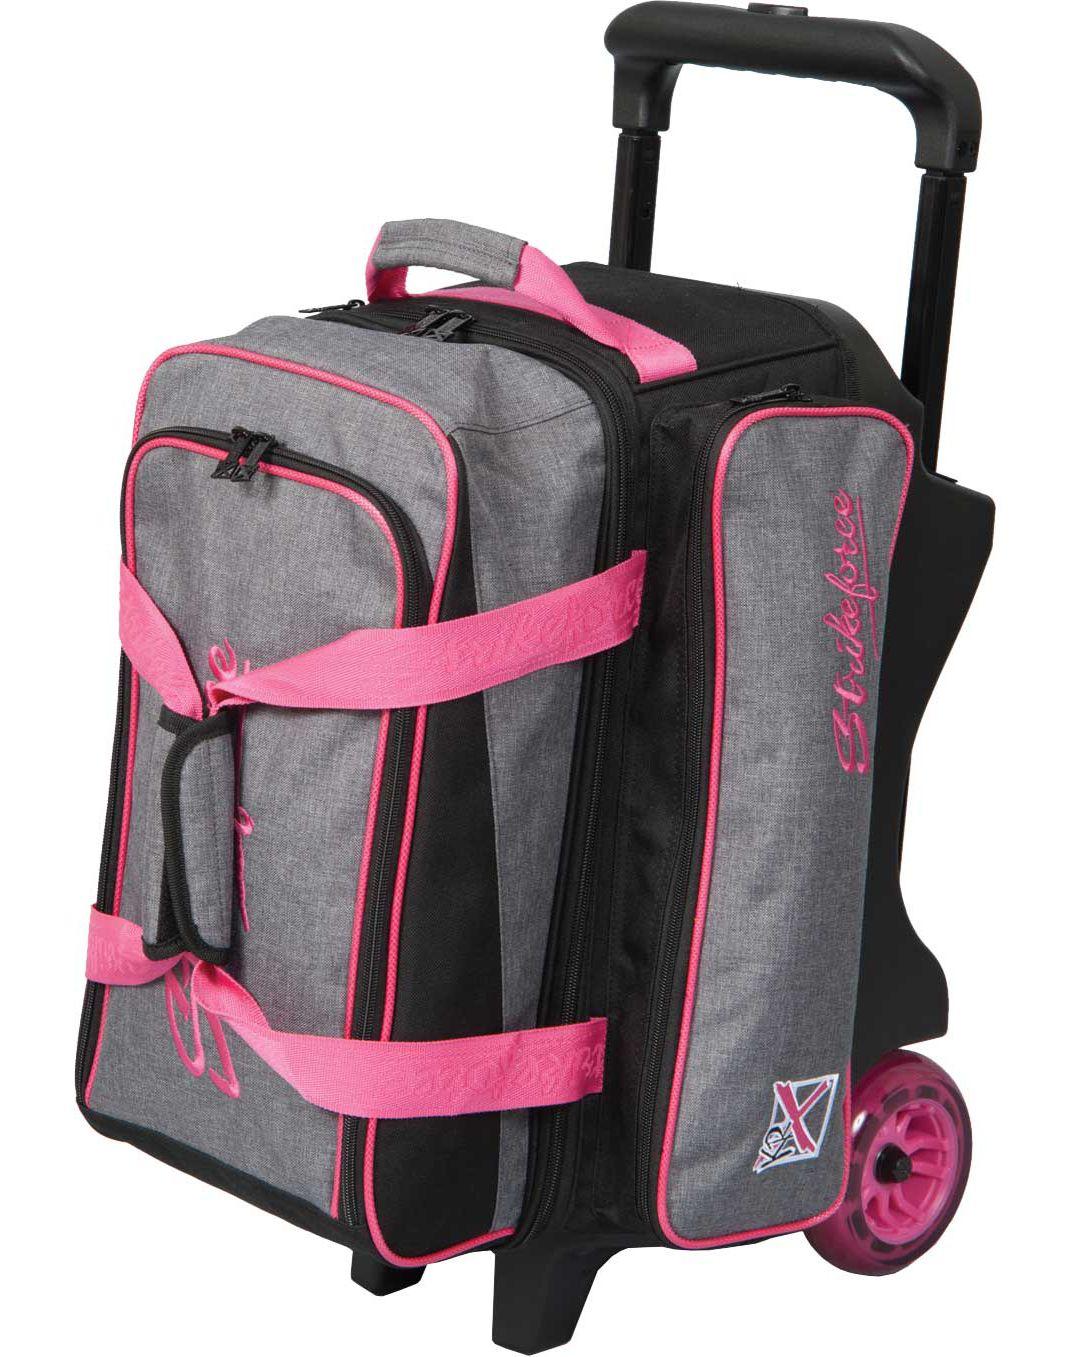 Kr Strikeforce Krush 2 Ball Roller Bowling Bag